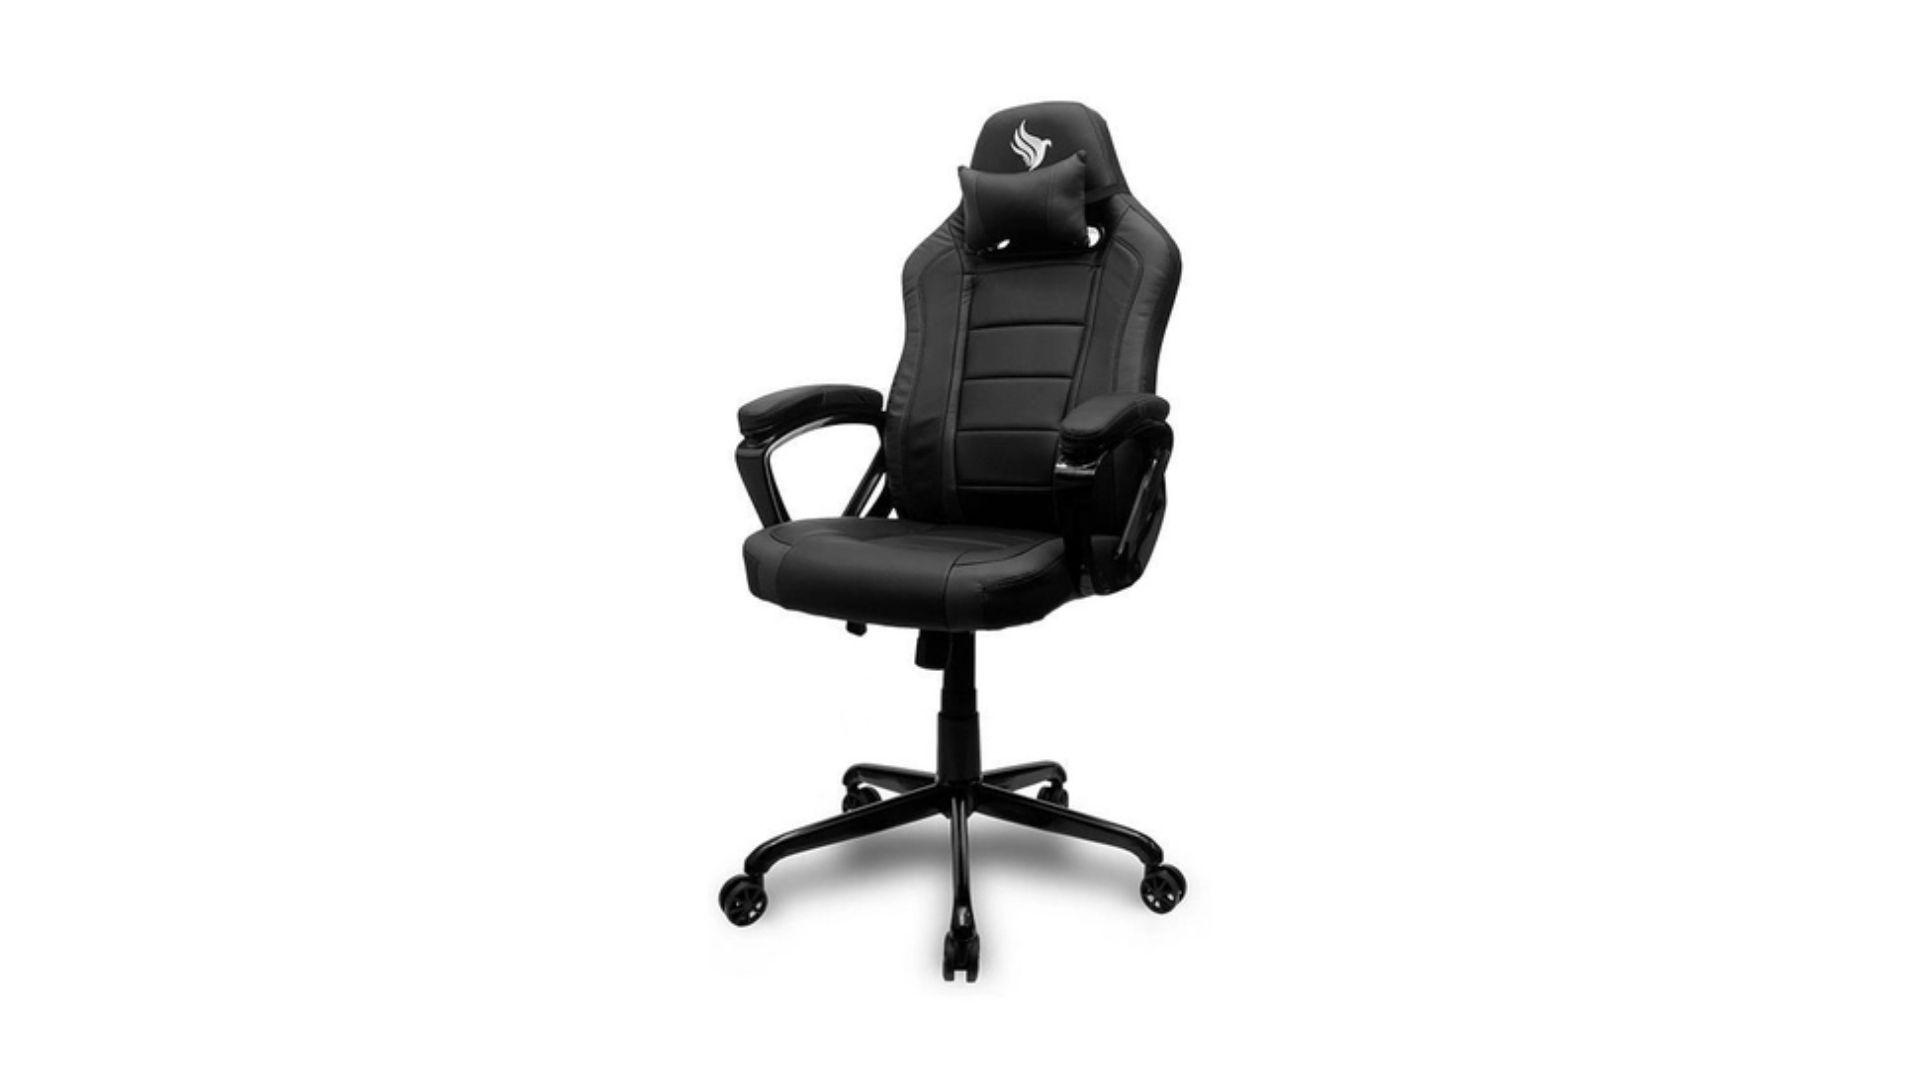 Cadeira Gamer Pichau Gaming Mooke preta no fundo branco